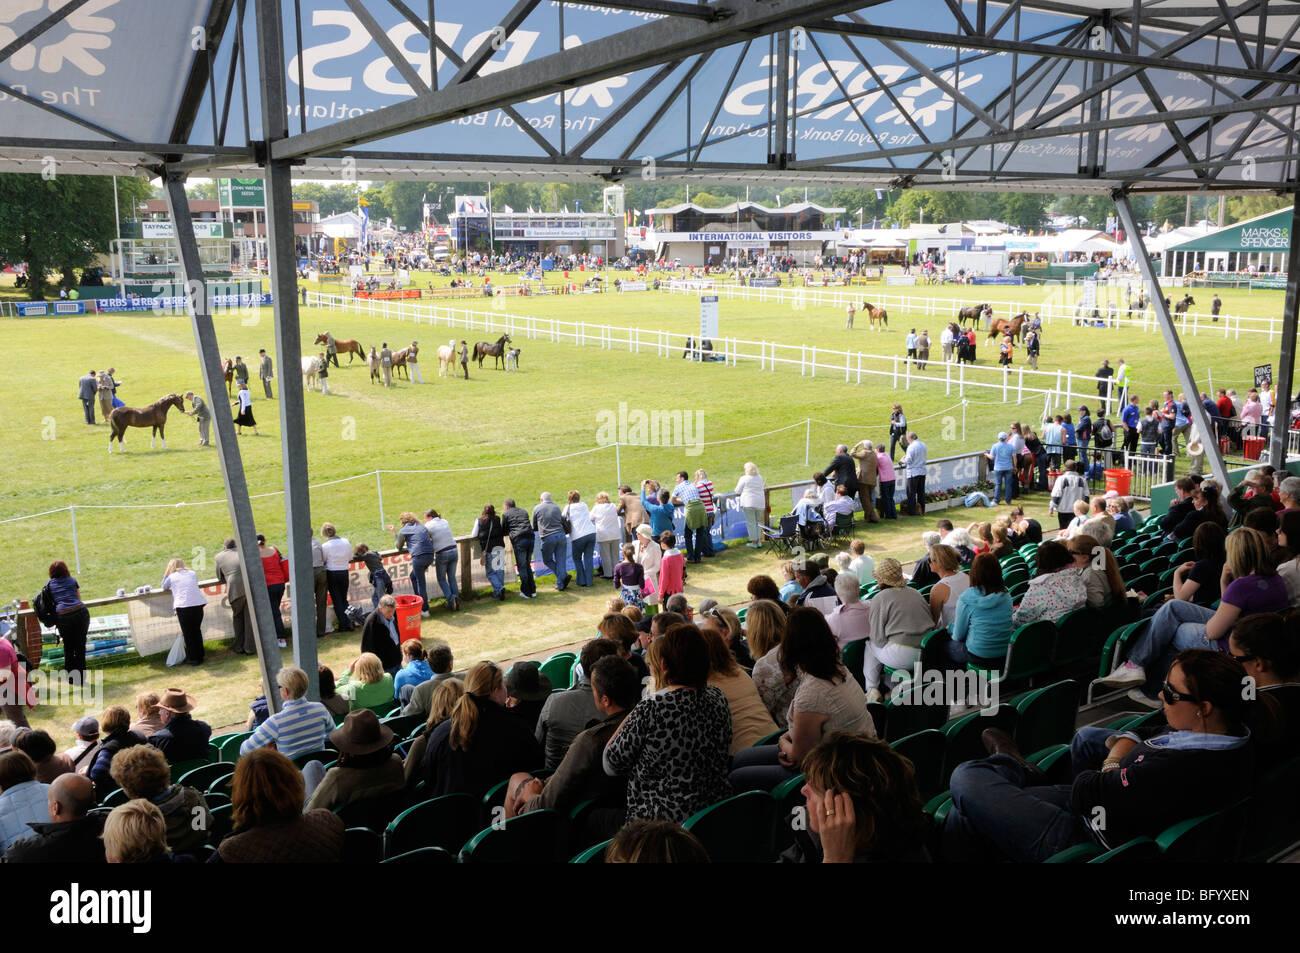 Guardando il giudizio del pony concorsi da stand dell'anello principale al 2009 Royal Highland Show, Edimburgo. Immagini Stock